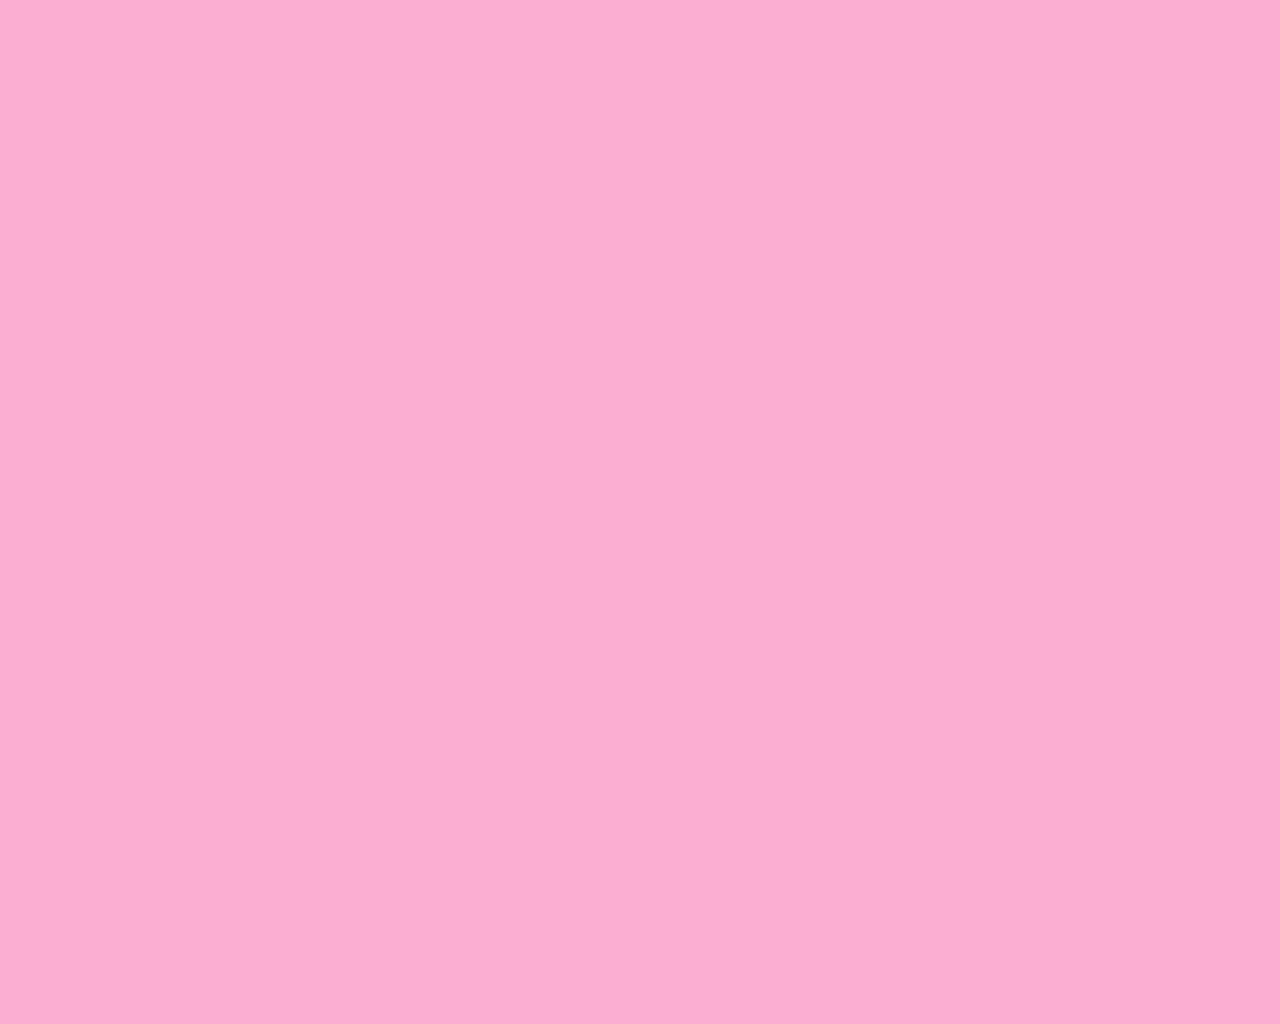 1280x1024 lavender pink solid color background - Wallpaper lavender color ...